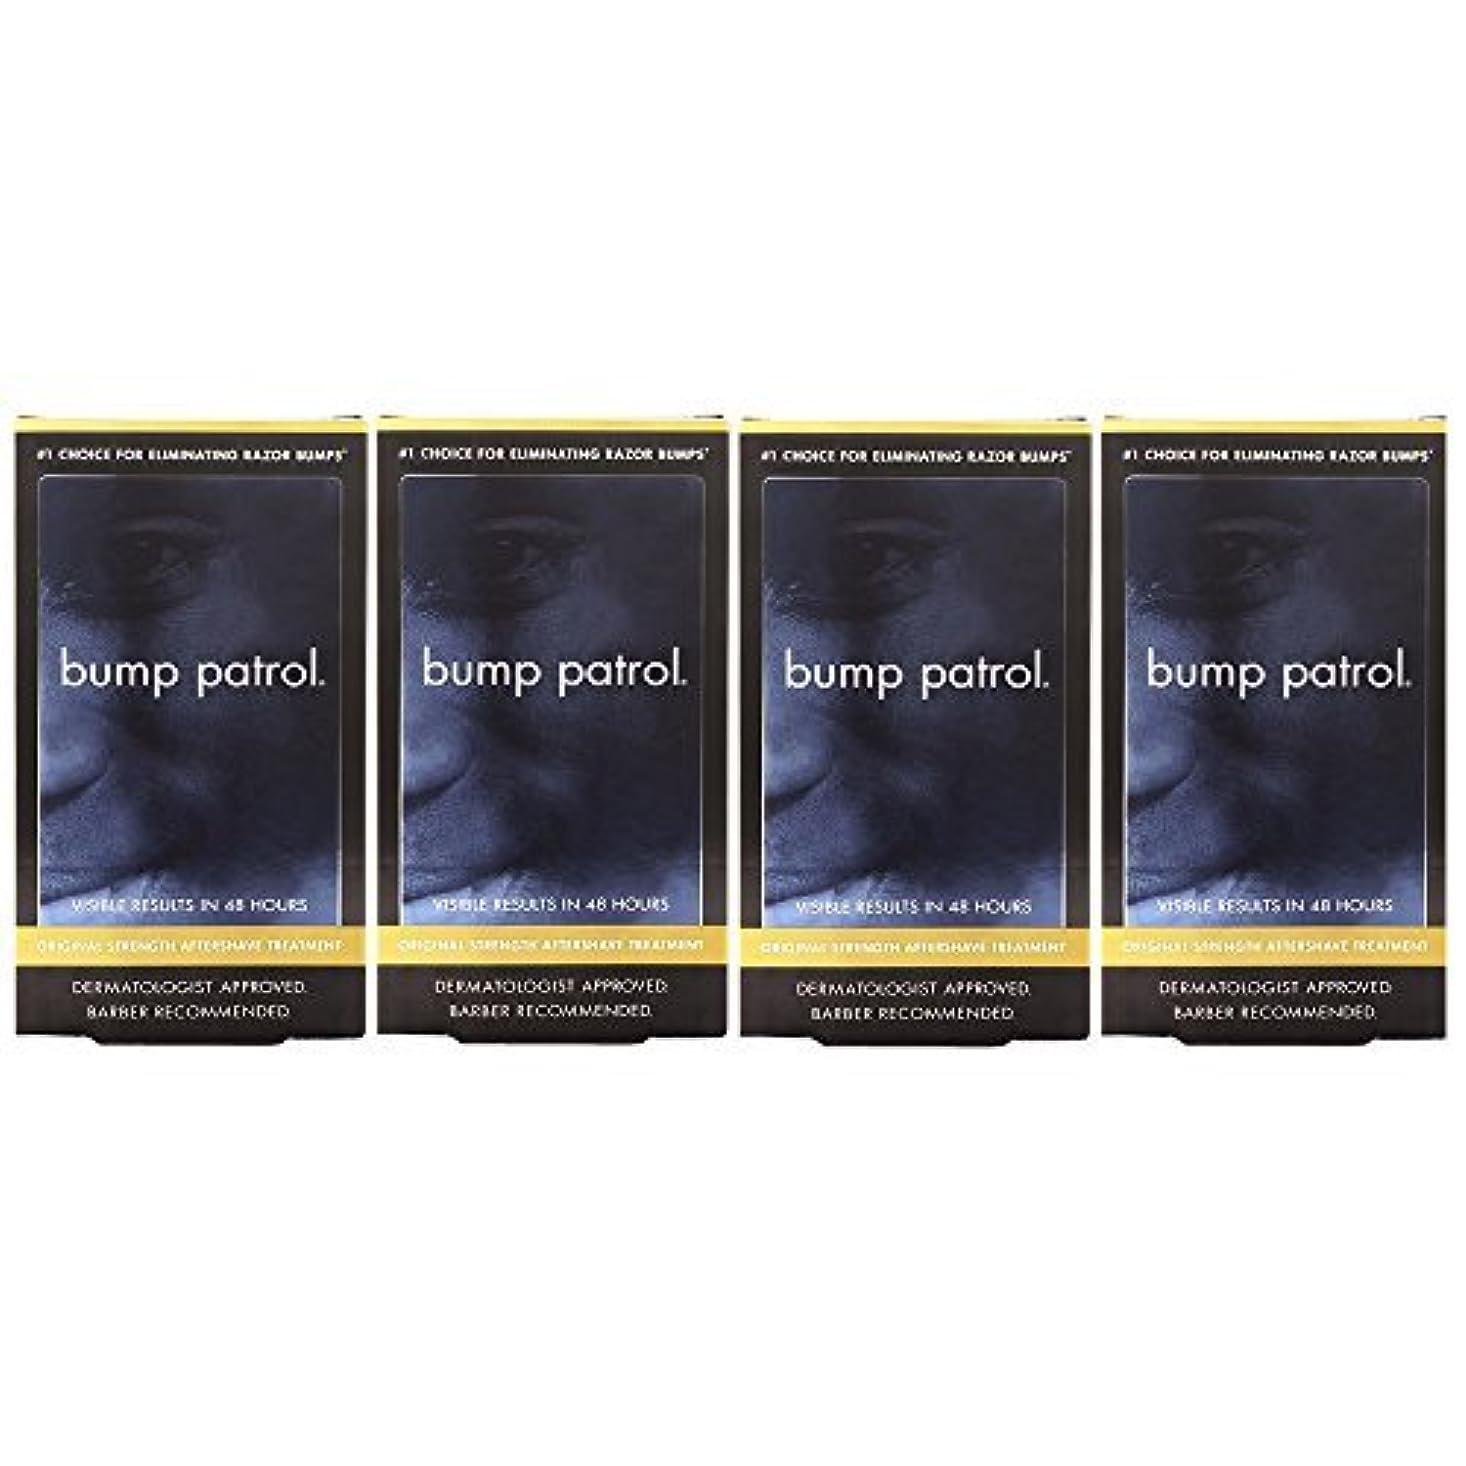 不可能な核凶暴なBump Patrol Dermatologist Approved Original Strength Aftershave Treatment (2 oz) 4 Pack [並行輸入品]